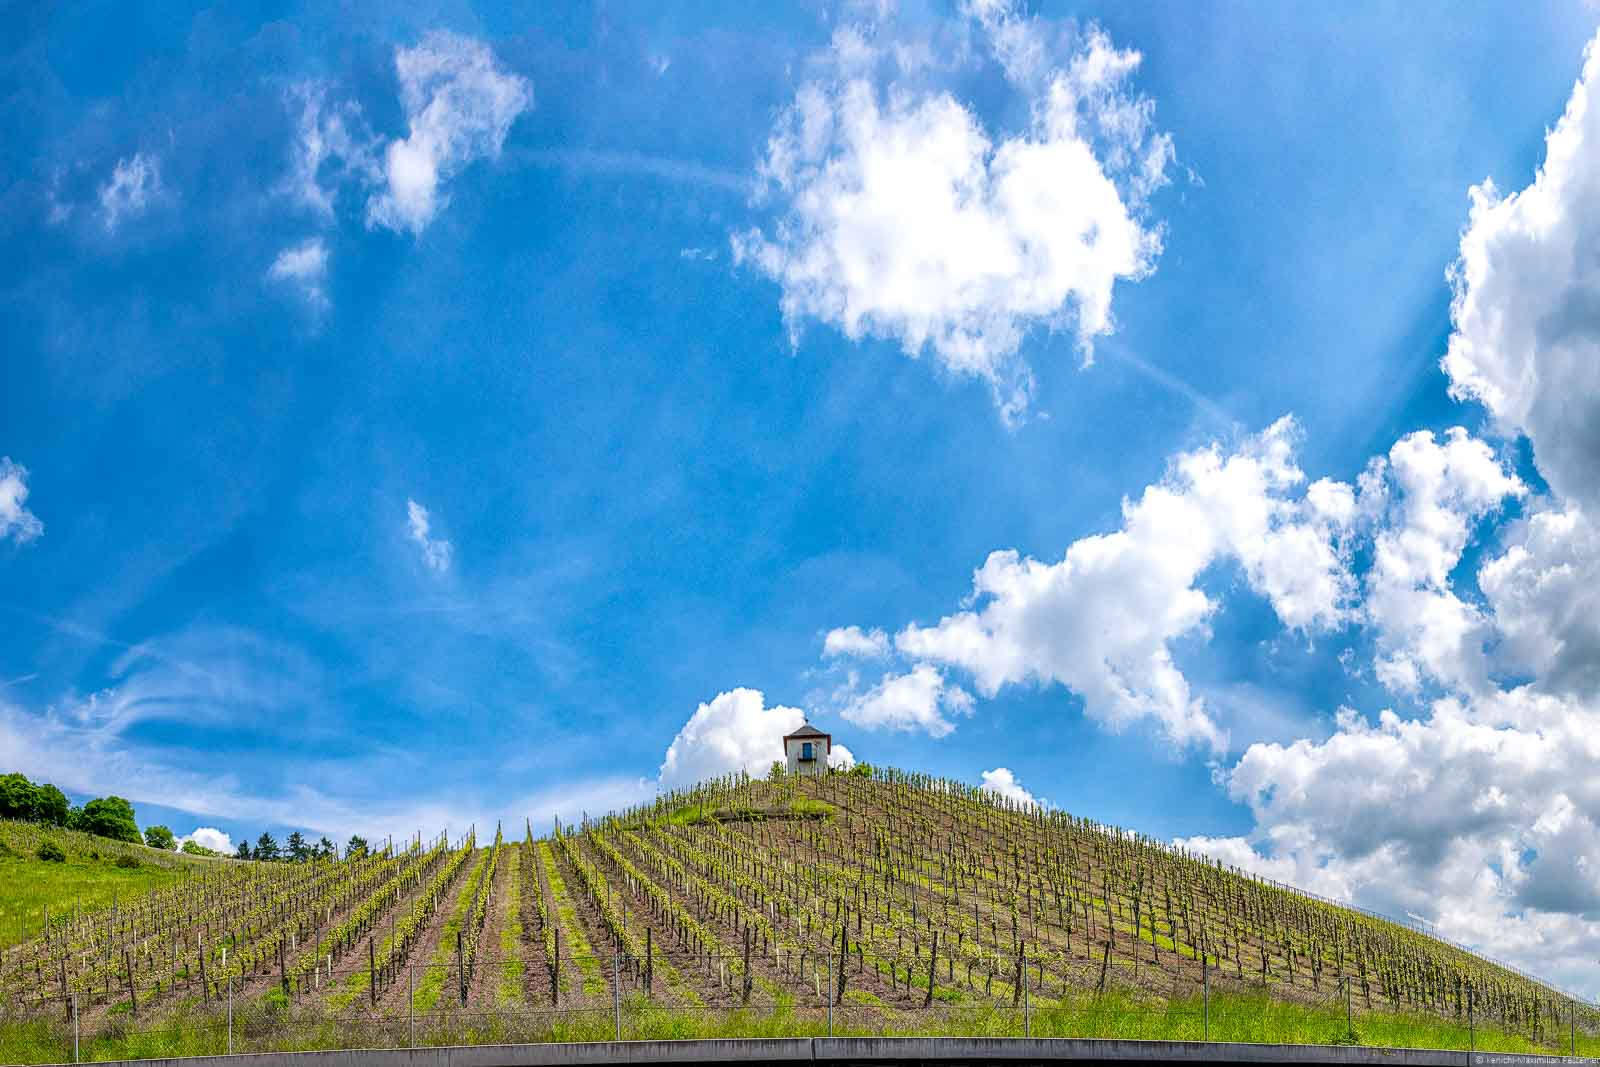 Kleines weißes Häuschen auf Weinberg Trierer Deutschherrenköpfchen mit bewölktem blauen Himemel